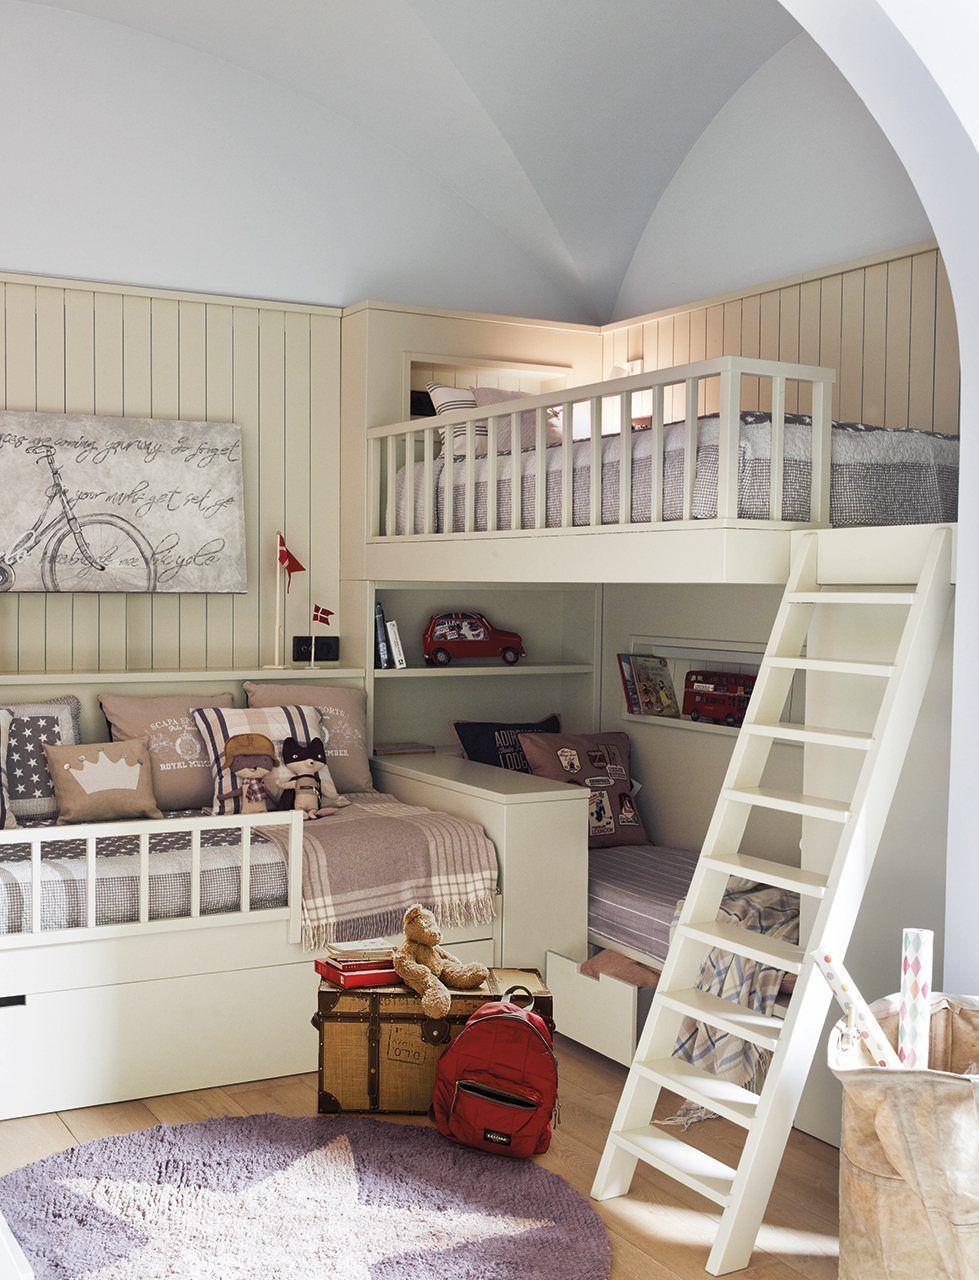 Un Cuarto Para Tres Hermanos Habitación Para Tres Niños Habitación De Hermanos Dormitorios